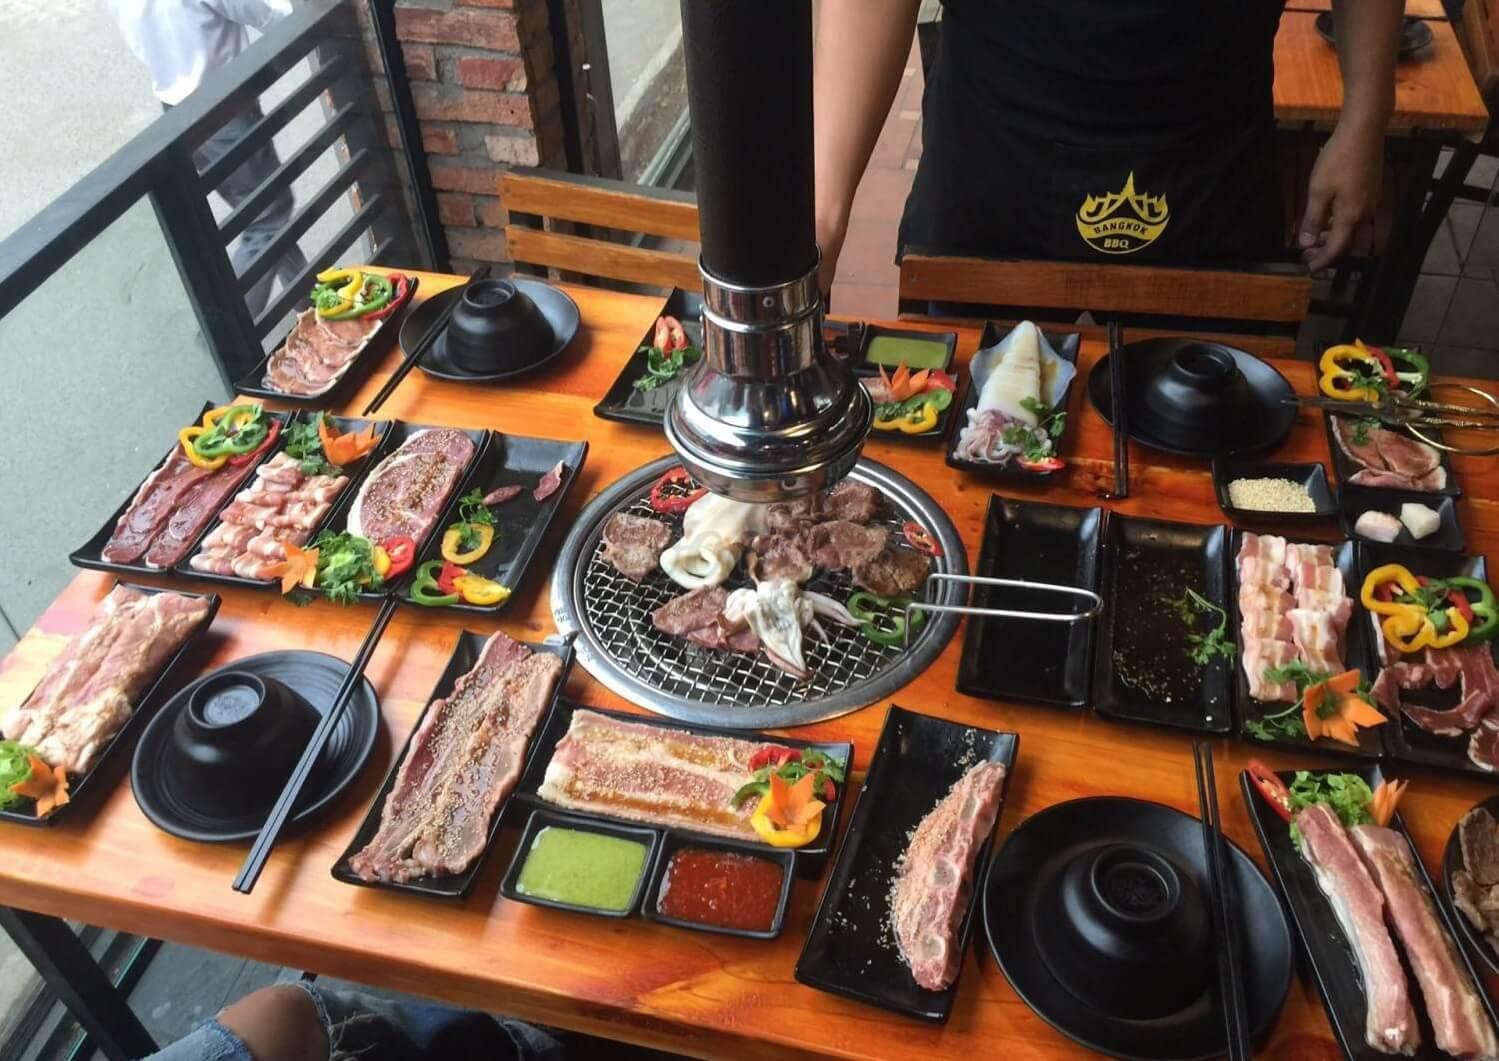 Đồ nướng ngon - bổ - rẻ ở Sài Gòn